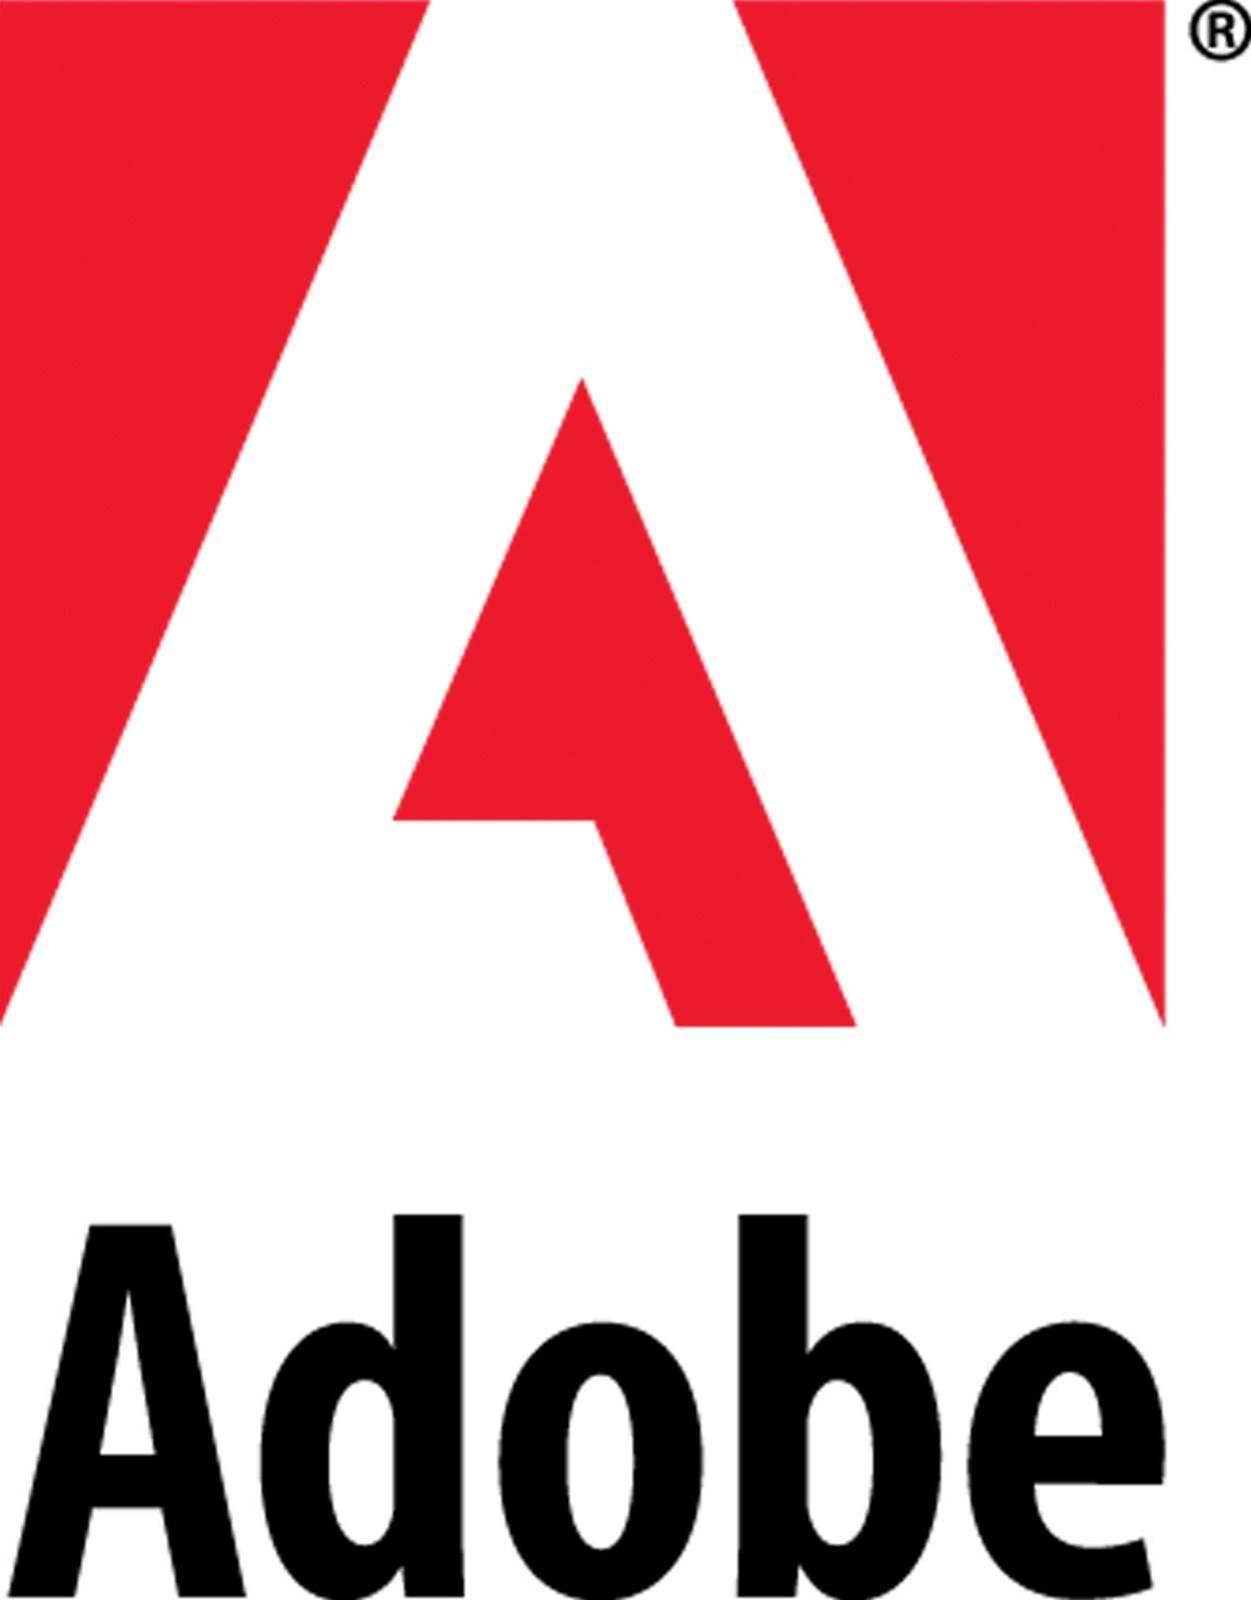 Adobe user details dumped after forum crack